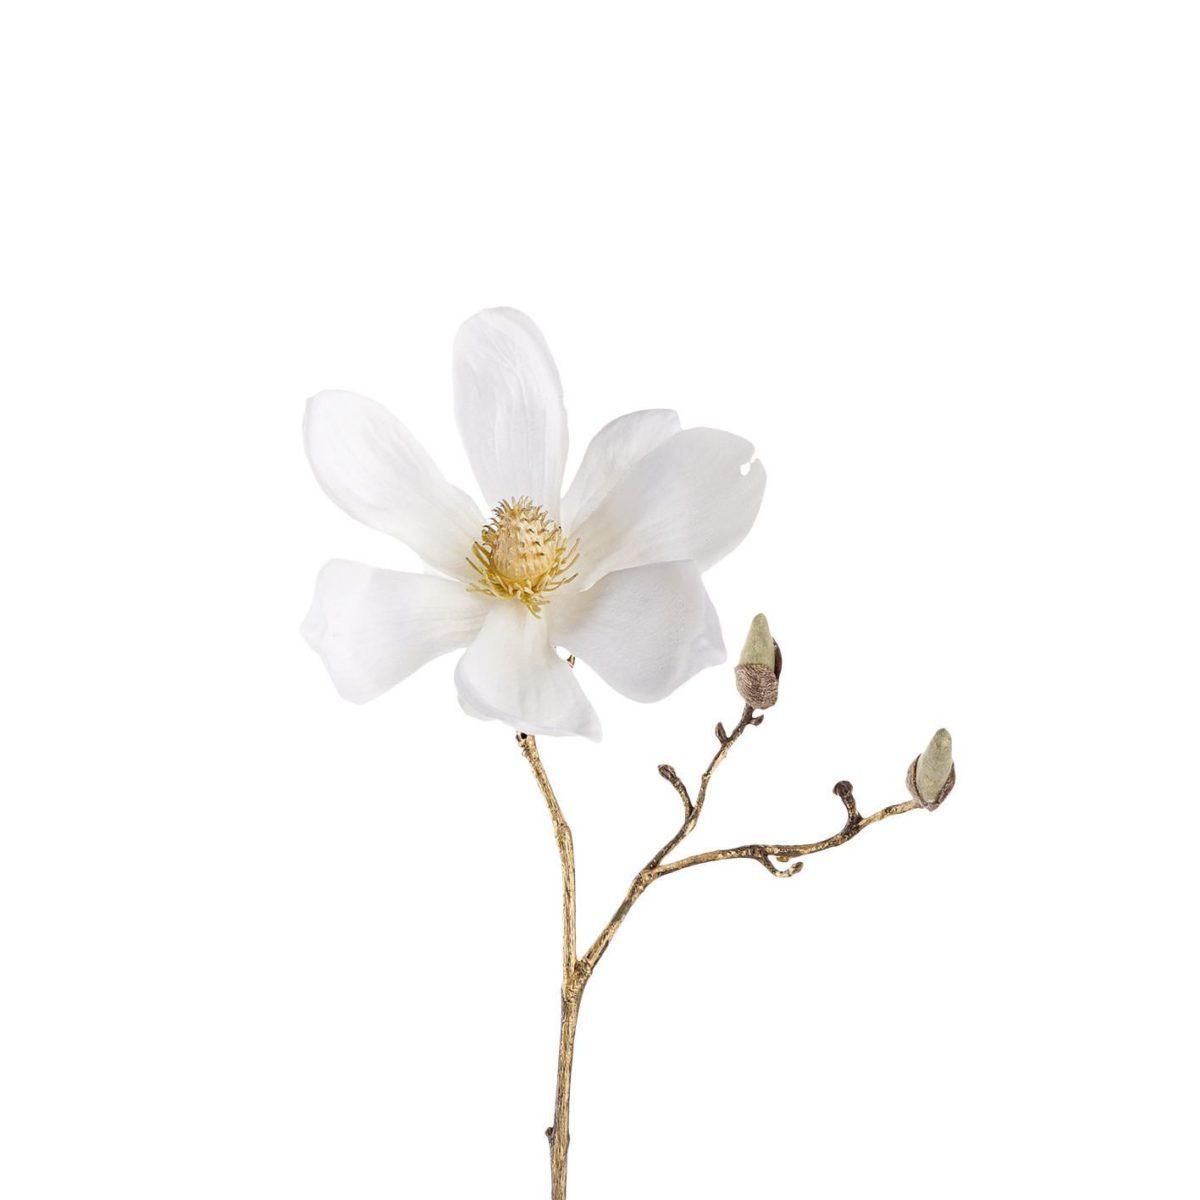 Leonardo Magnolie 30 weissgold Stellato H 002.xxl3  1200x1200 - Floare decorativă Magnolia white/gold 30 cm (L029380)